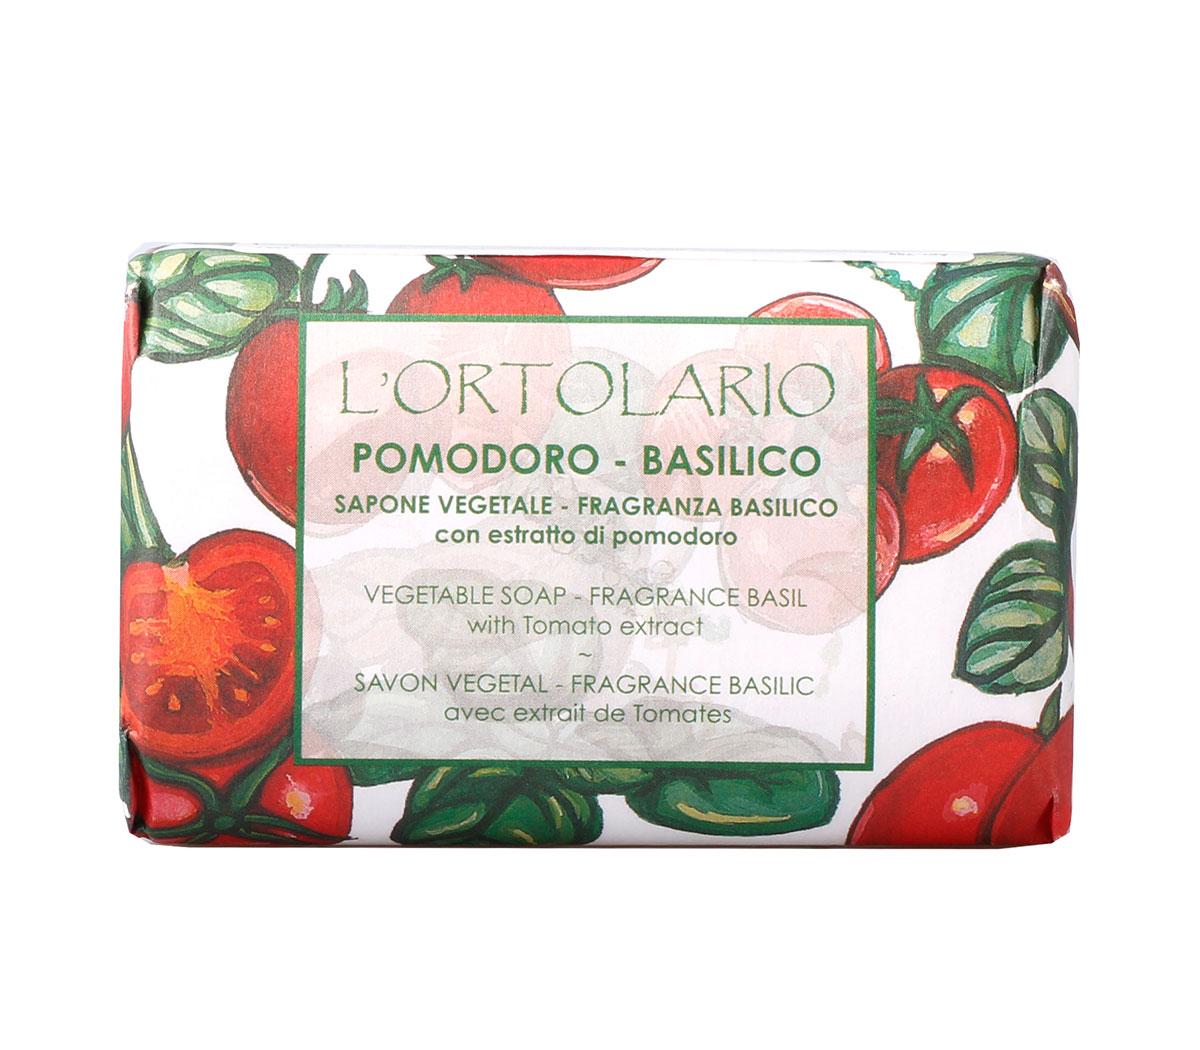 Iteritalia Мыло натуральное с ароматом базилика и экстрактом помидора, 150 гSatin Hair 7 BR730MNНатуральное косметическое мыло ,изготовленное в соответствии с античными традициями мастеров Саронно.Содержит экстракт помидора,который обладает очищающими и тонизирующими свойствами.Для всех типов кожи,в том числе хорошо подходит для проблемной.